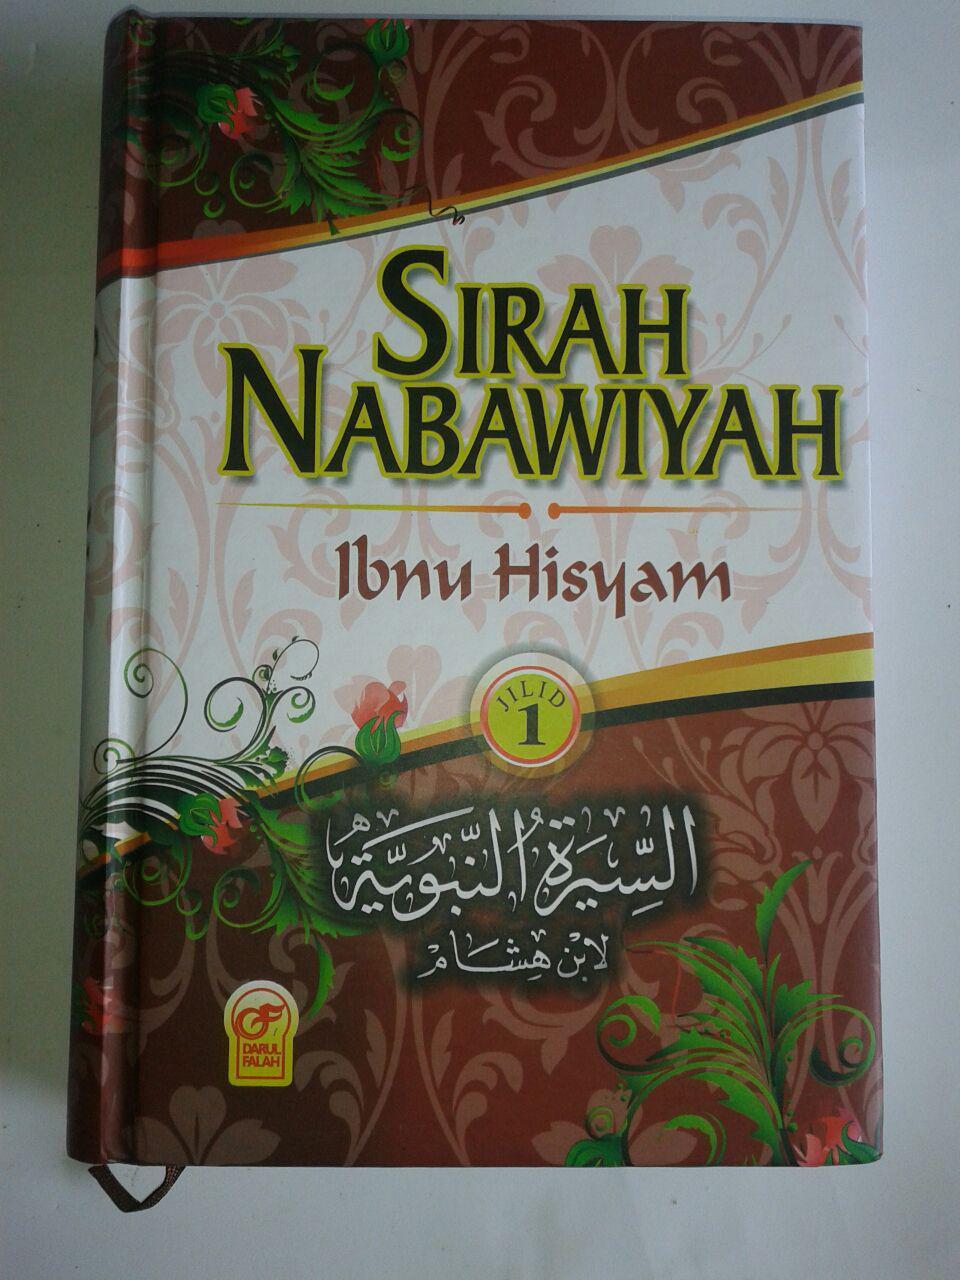 Buku Sirah Nabawiyah Ibnu Hisyam 1 Set 2 Jilid cover 2